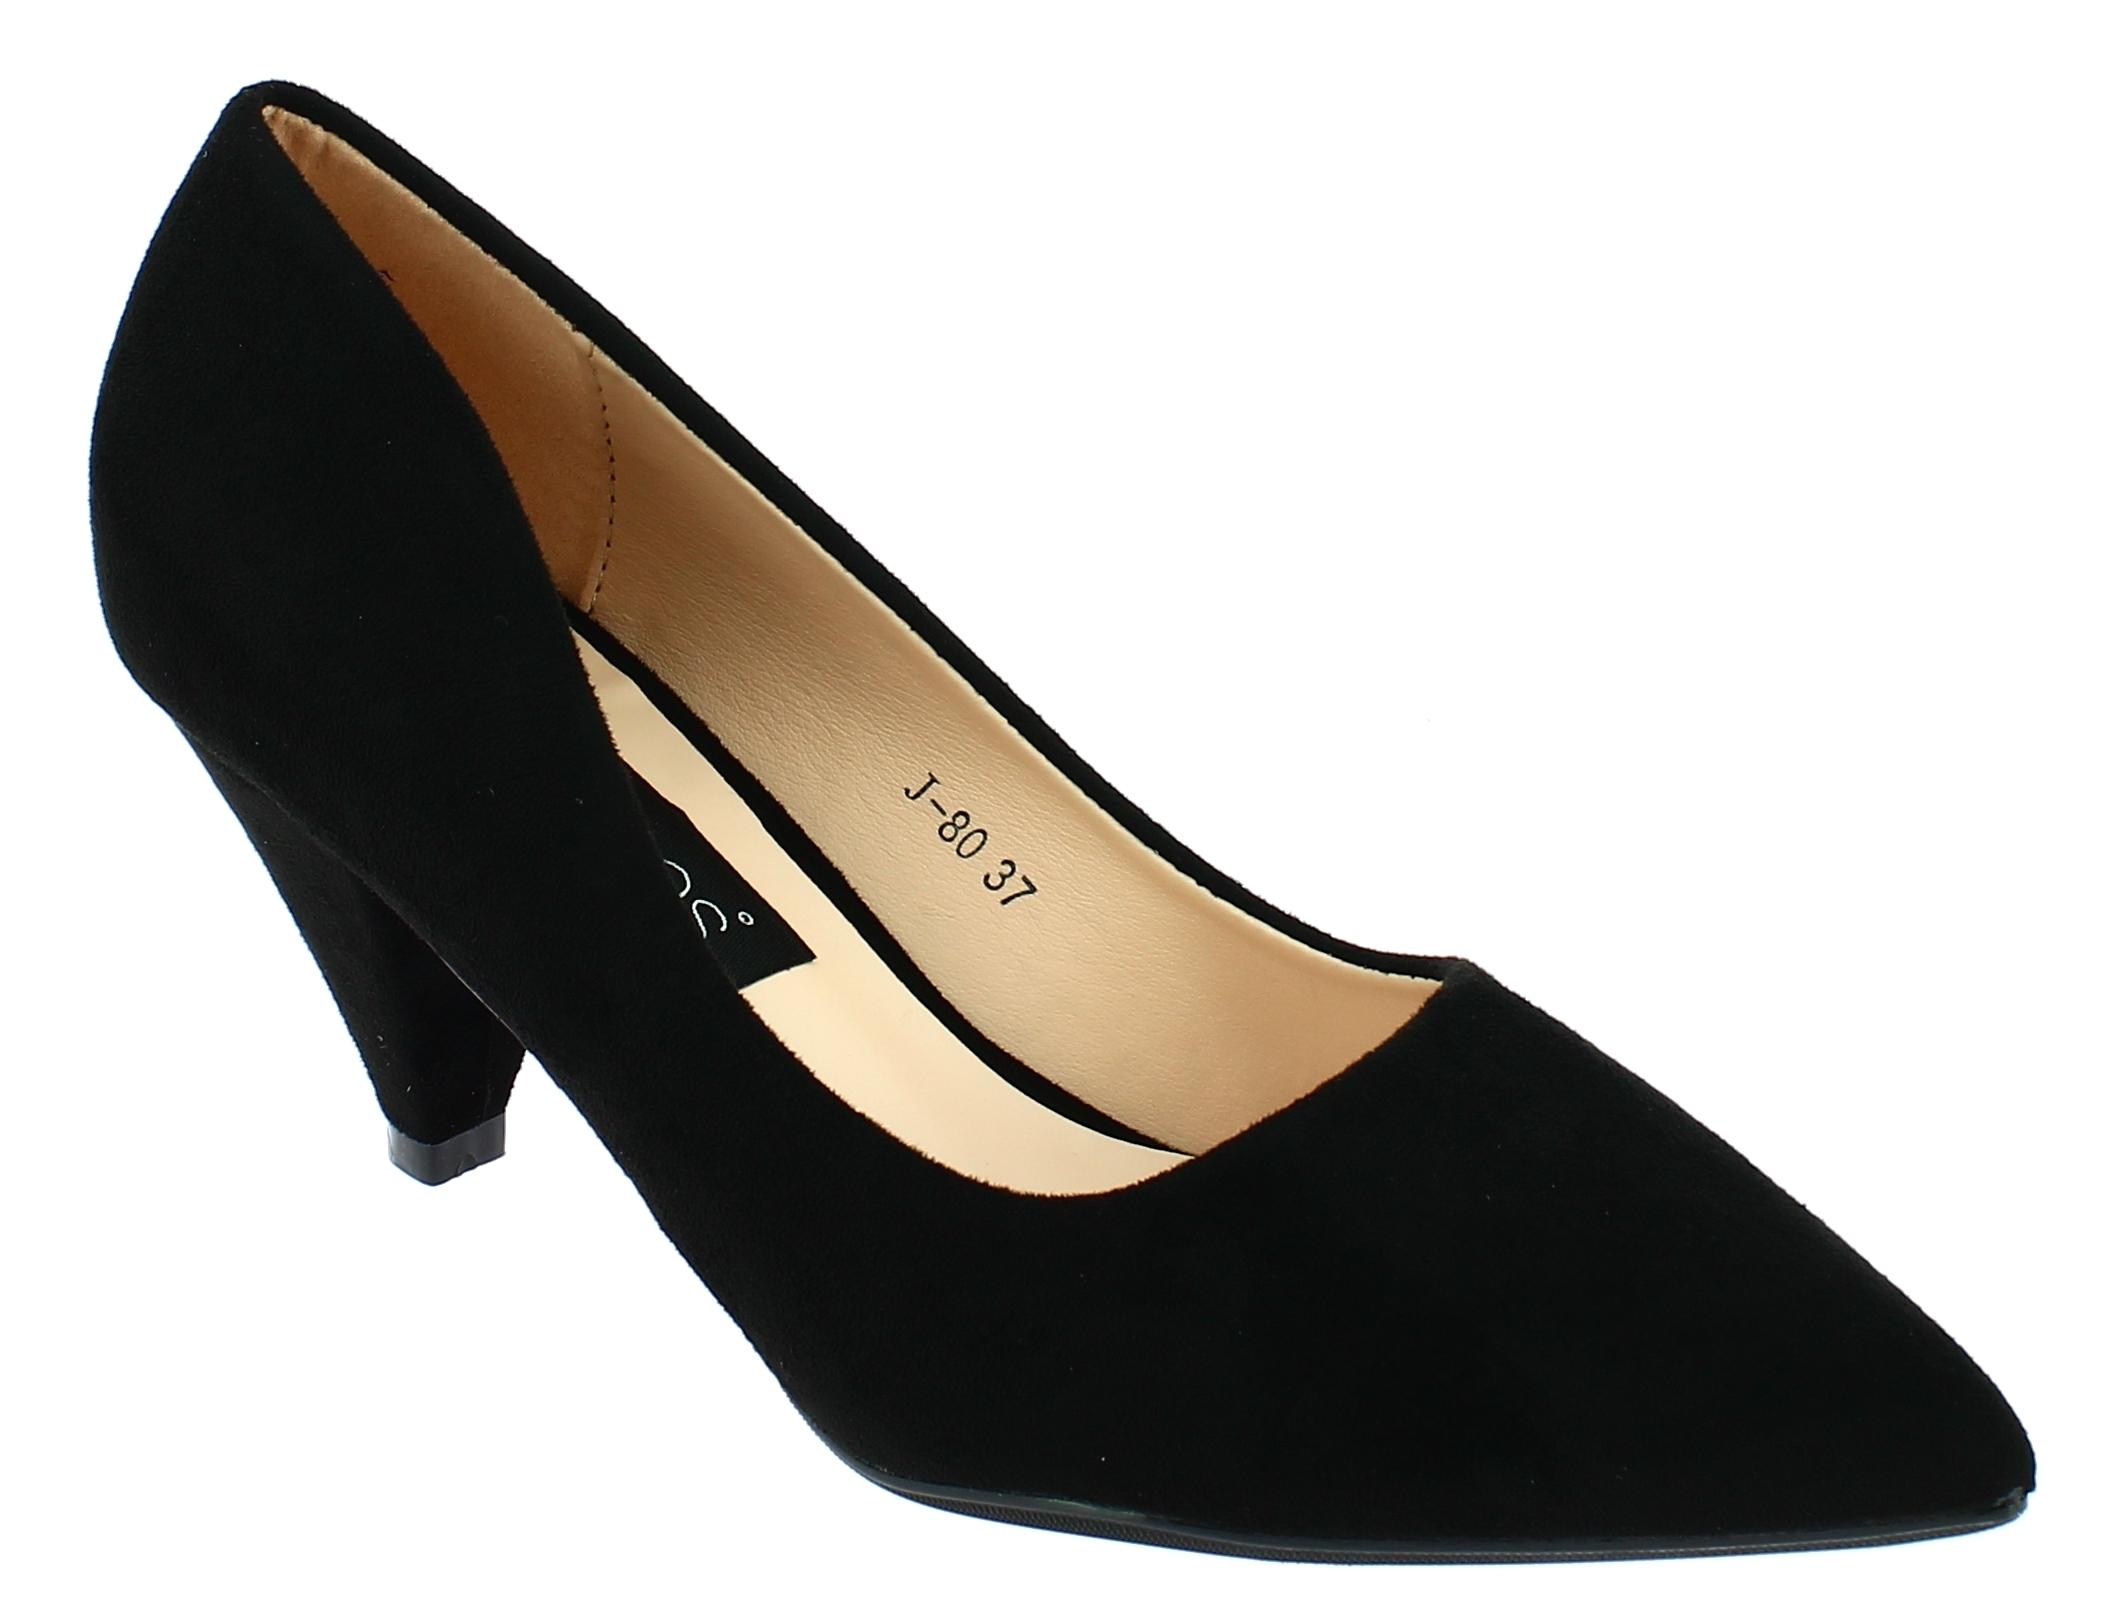 ae32e659dcc Missreina IQSHOES Γυναικεία Γόβα J80 Μαύρο - IqShoes - J80 BLACK-IQSHOES- black-40